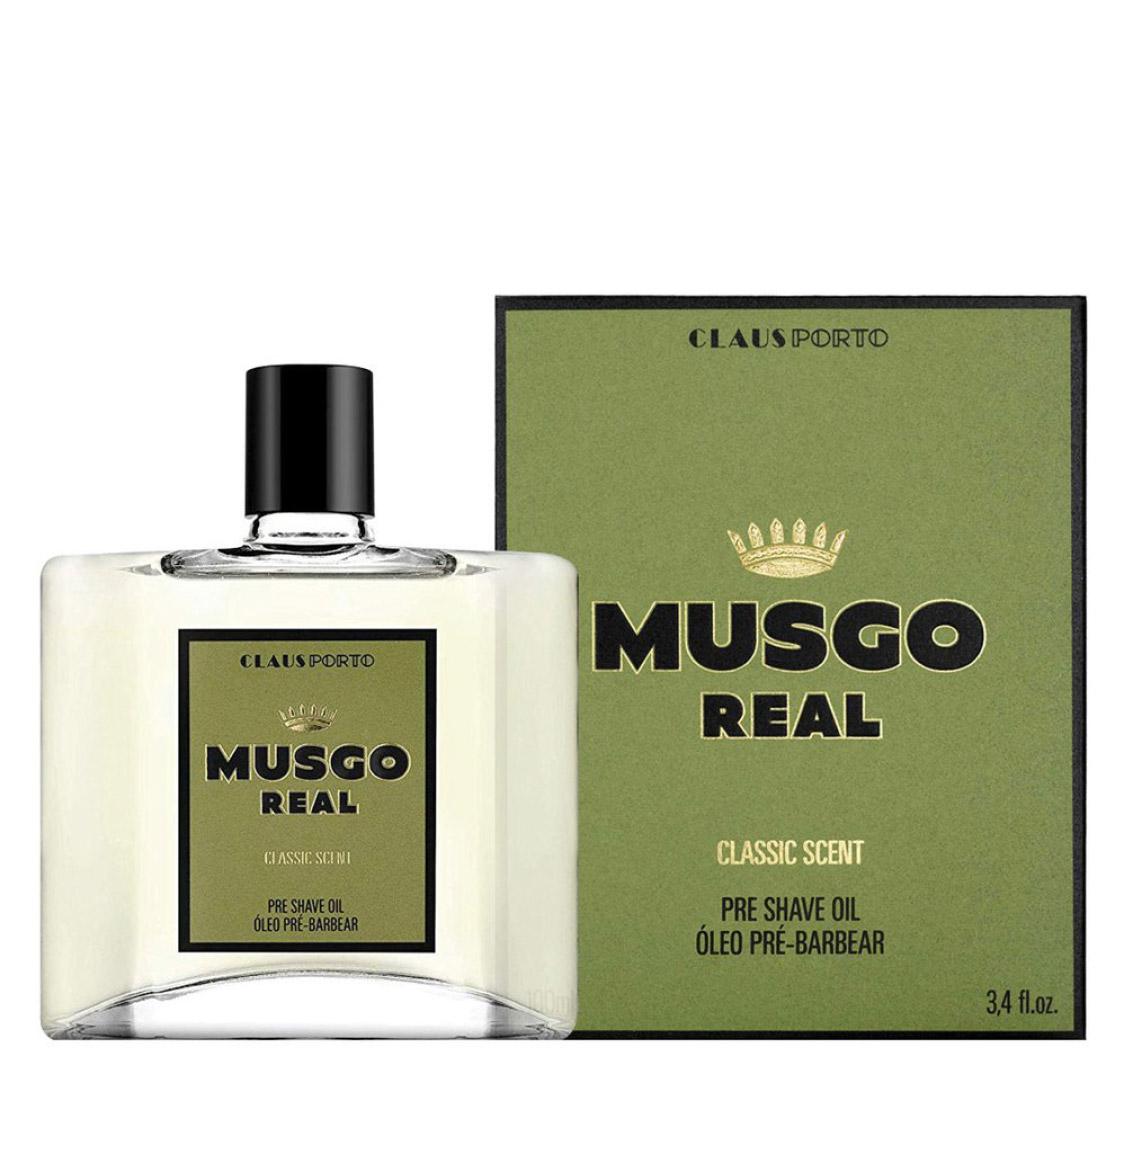 Claus Porto Musgo Real Classic Scent Pre Shave Oil 100ml